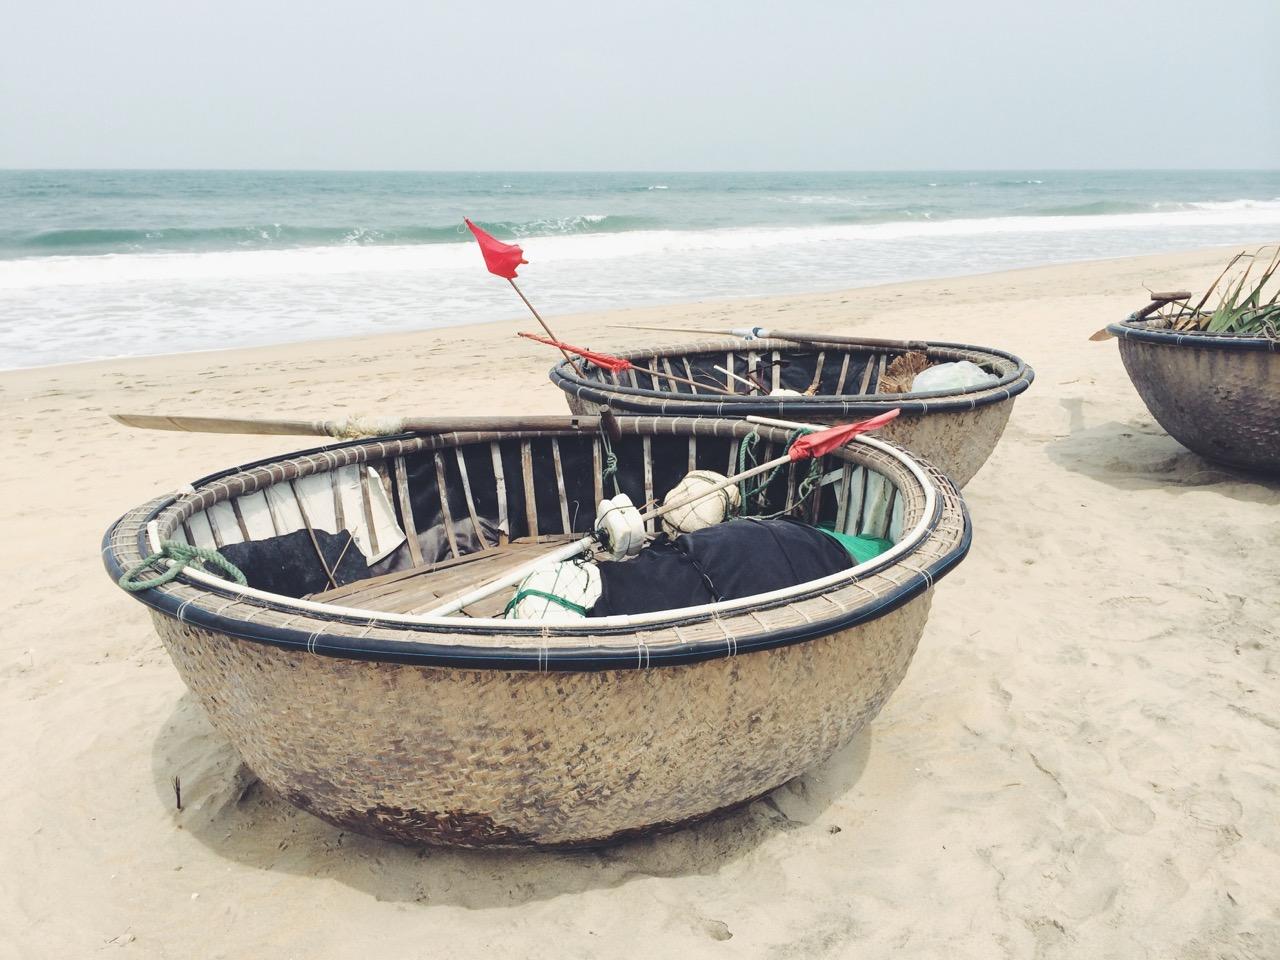 Путешествие по Вьетнаму: Рыбацкие лодки на пляже, Хойан